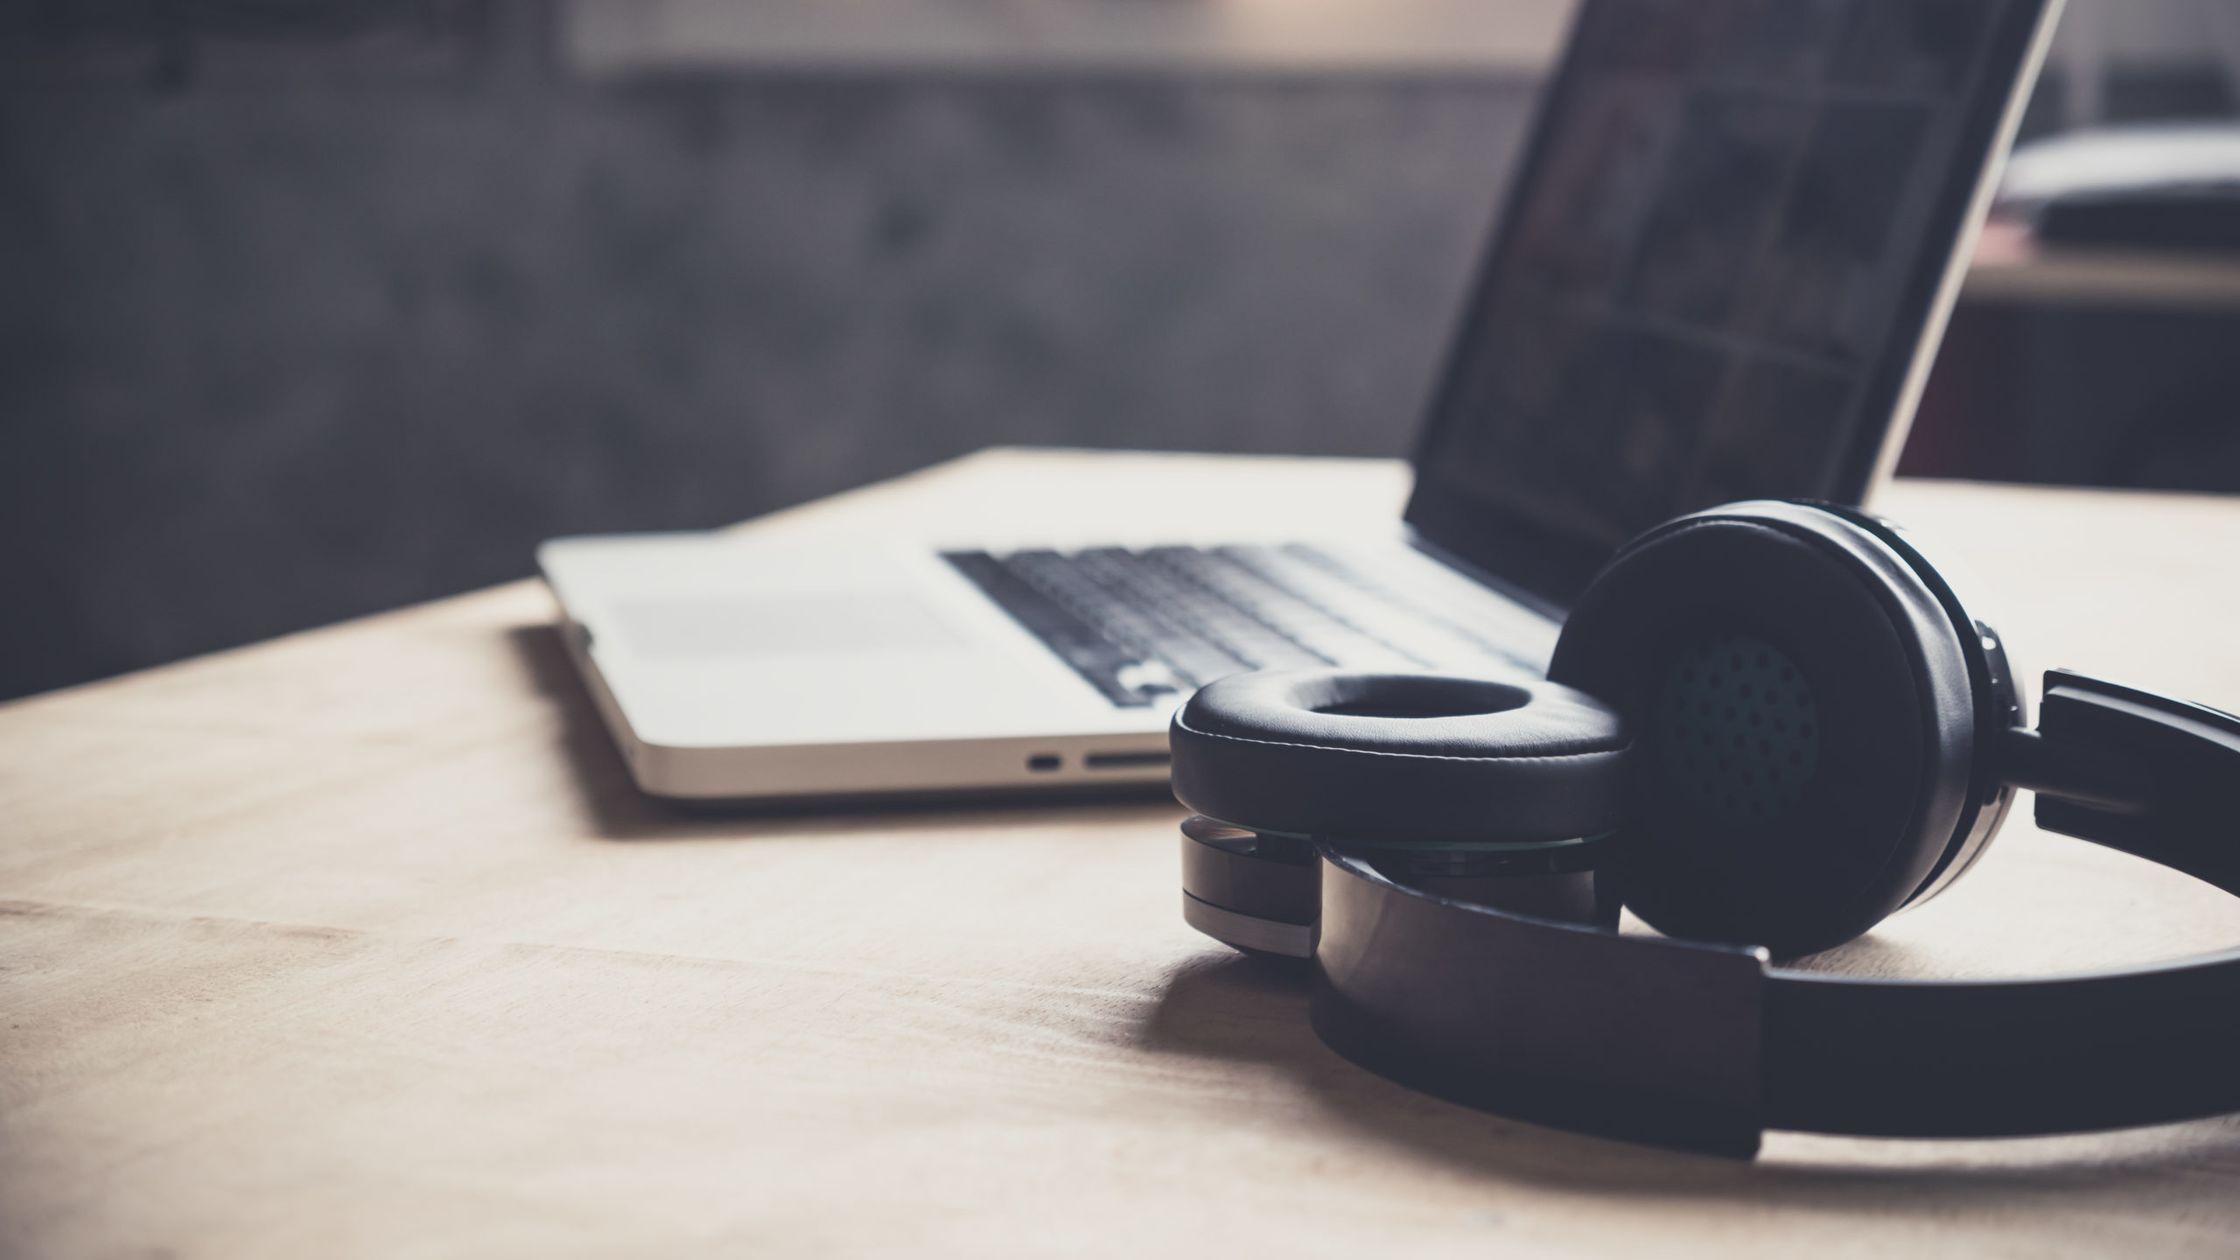 Auf einem Schreibtisch liegen Laptop und Kopfhörer